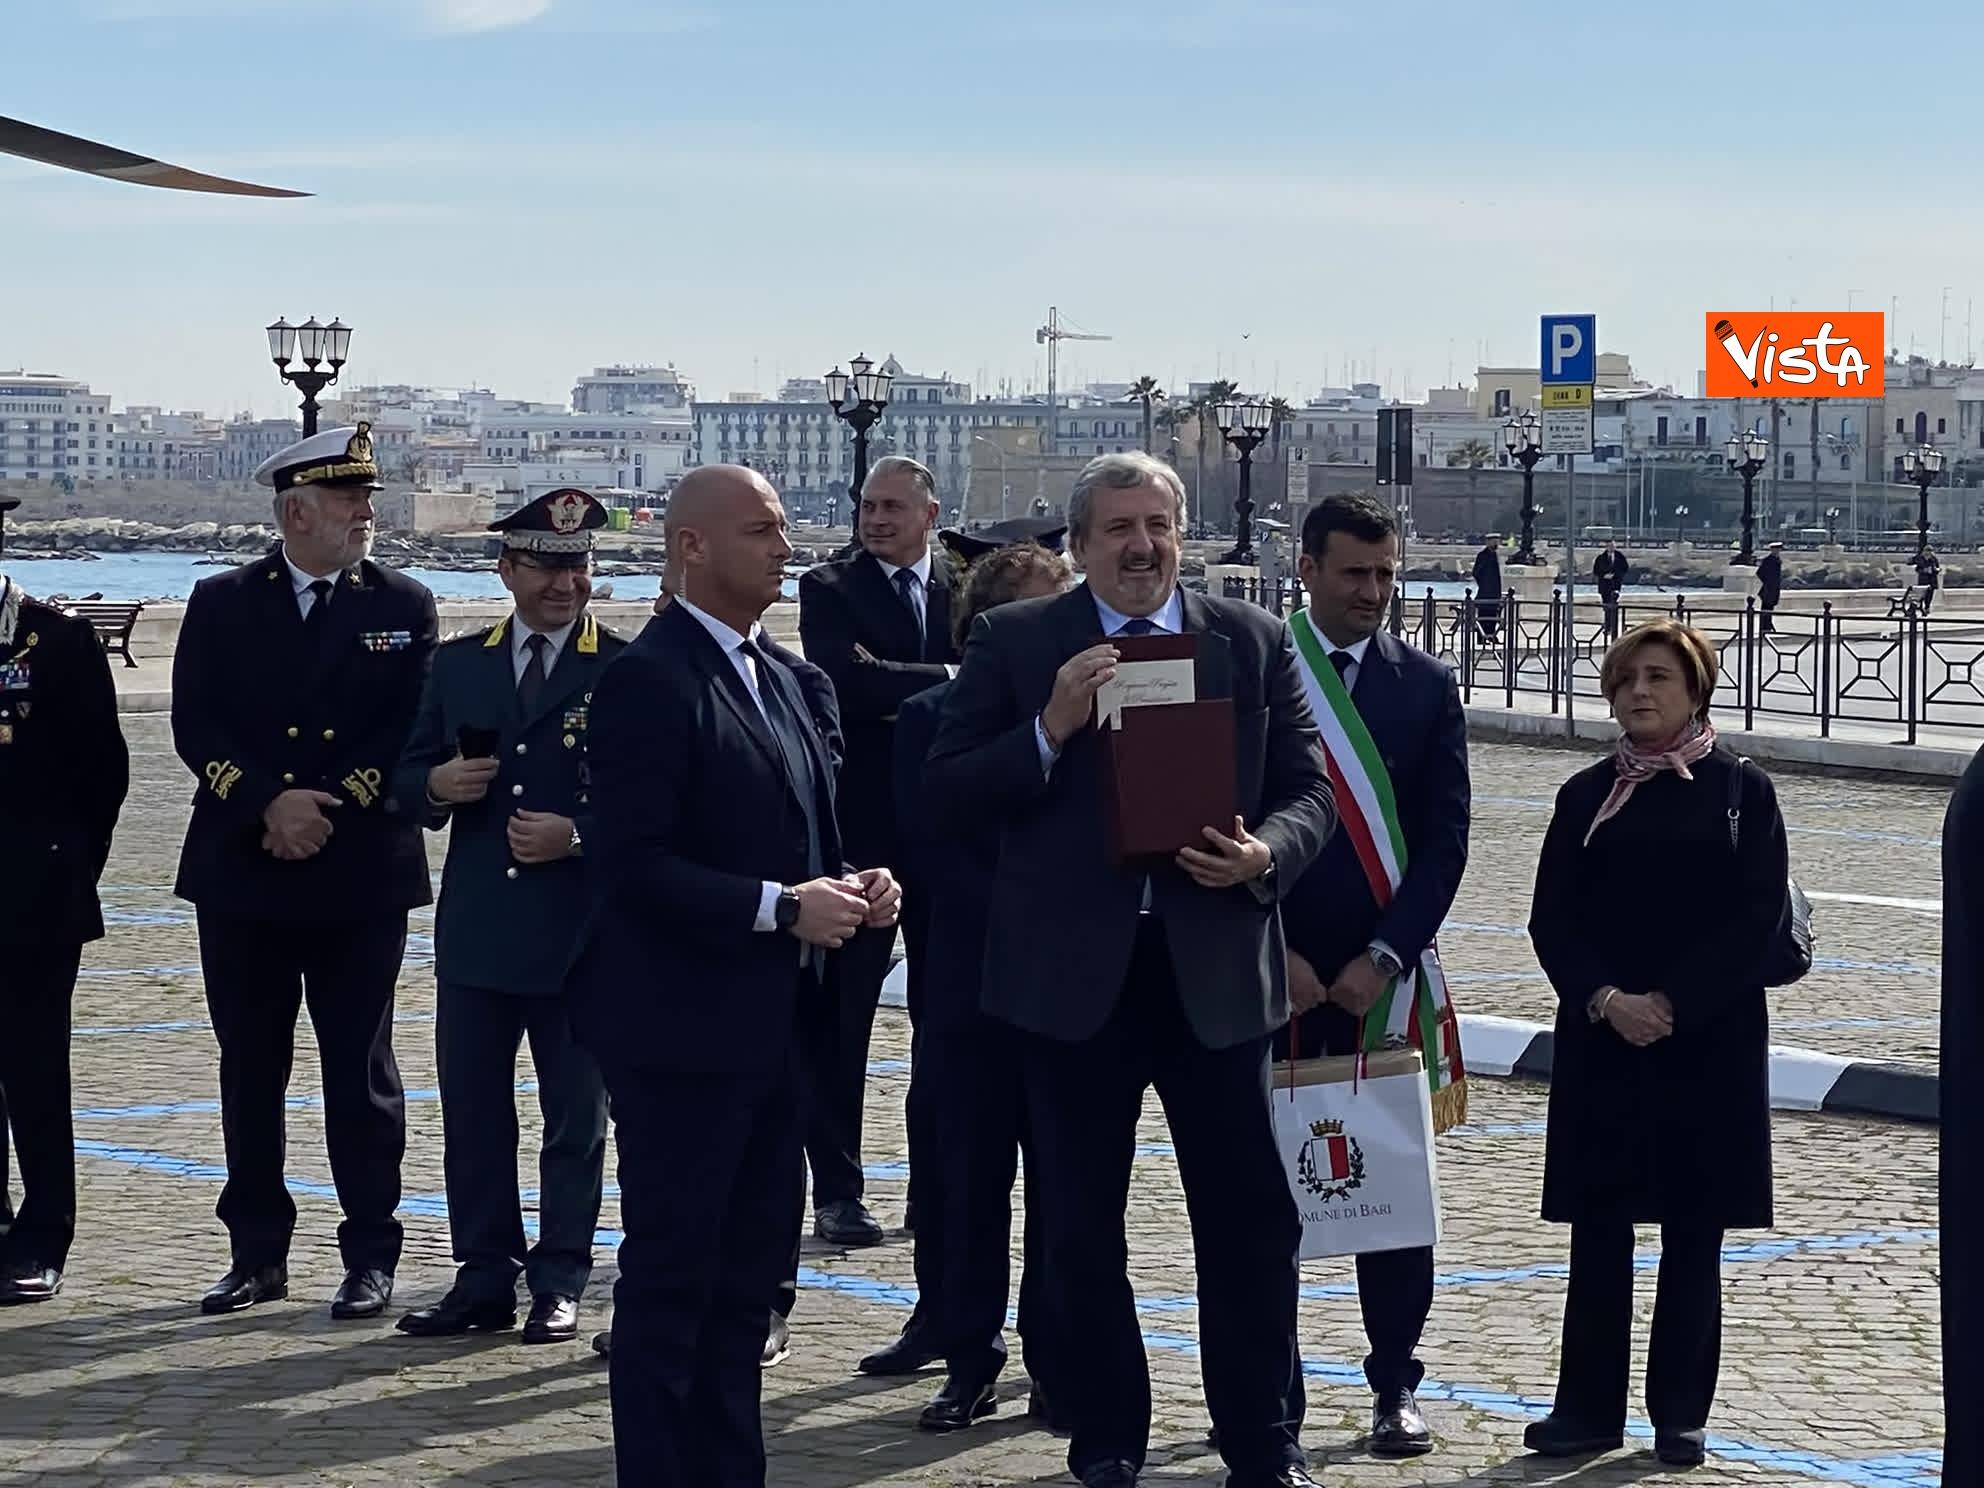 23-02-20 Il Papa a Bari incontra il presidente della Regione Puglia Michele Emiliano